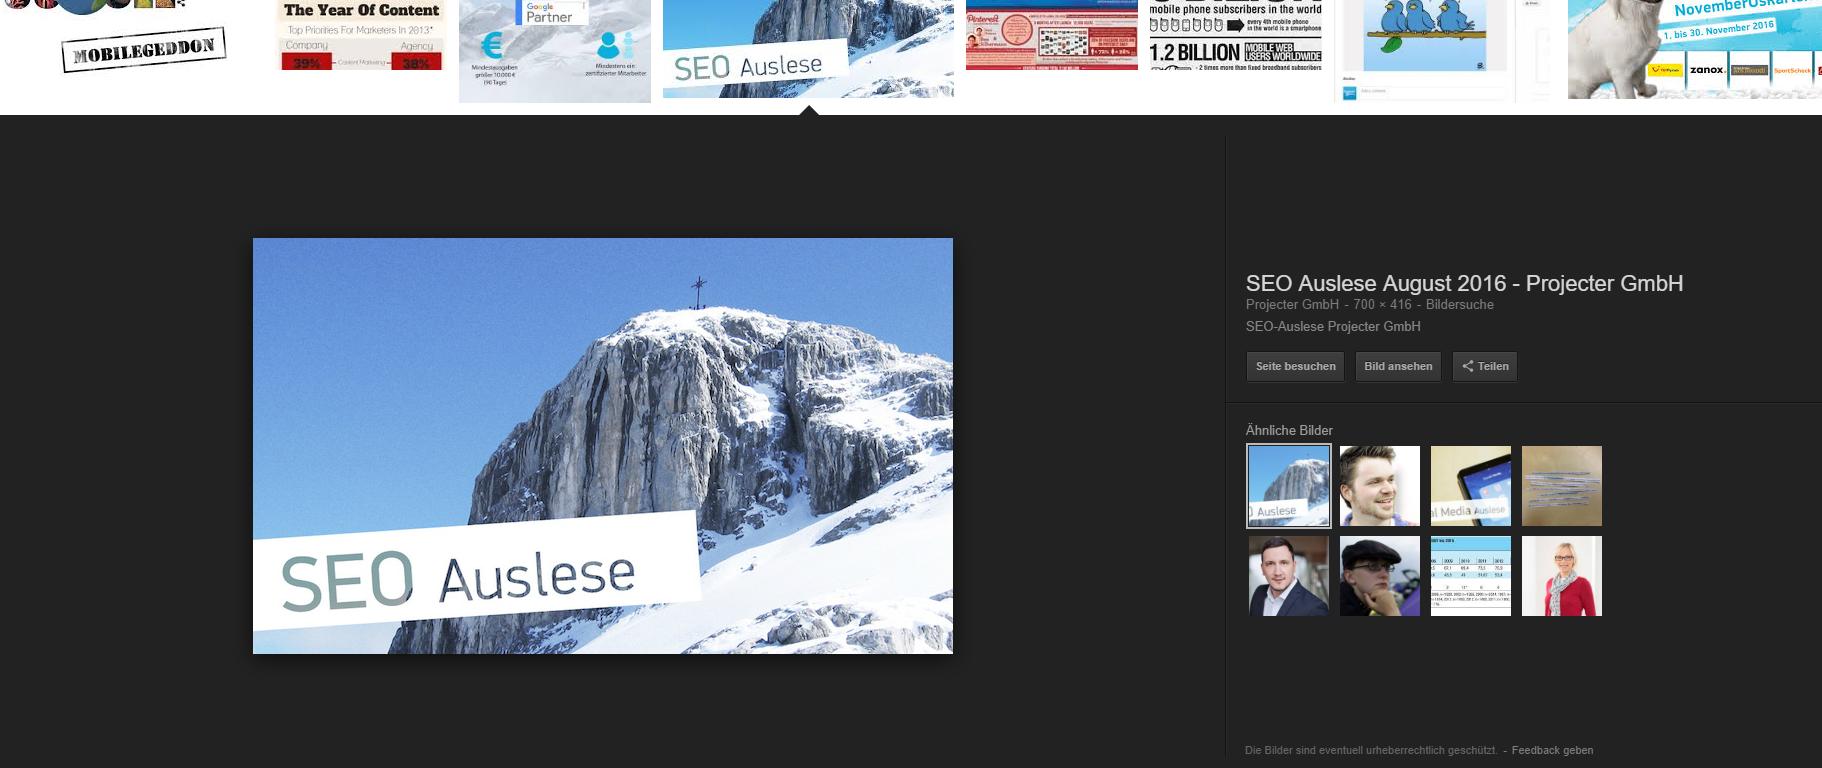 Bildersuche in Google und seine Veränderungen in Deutschland